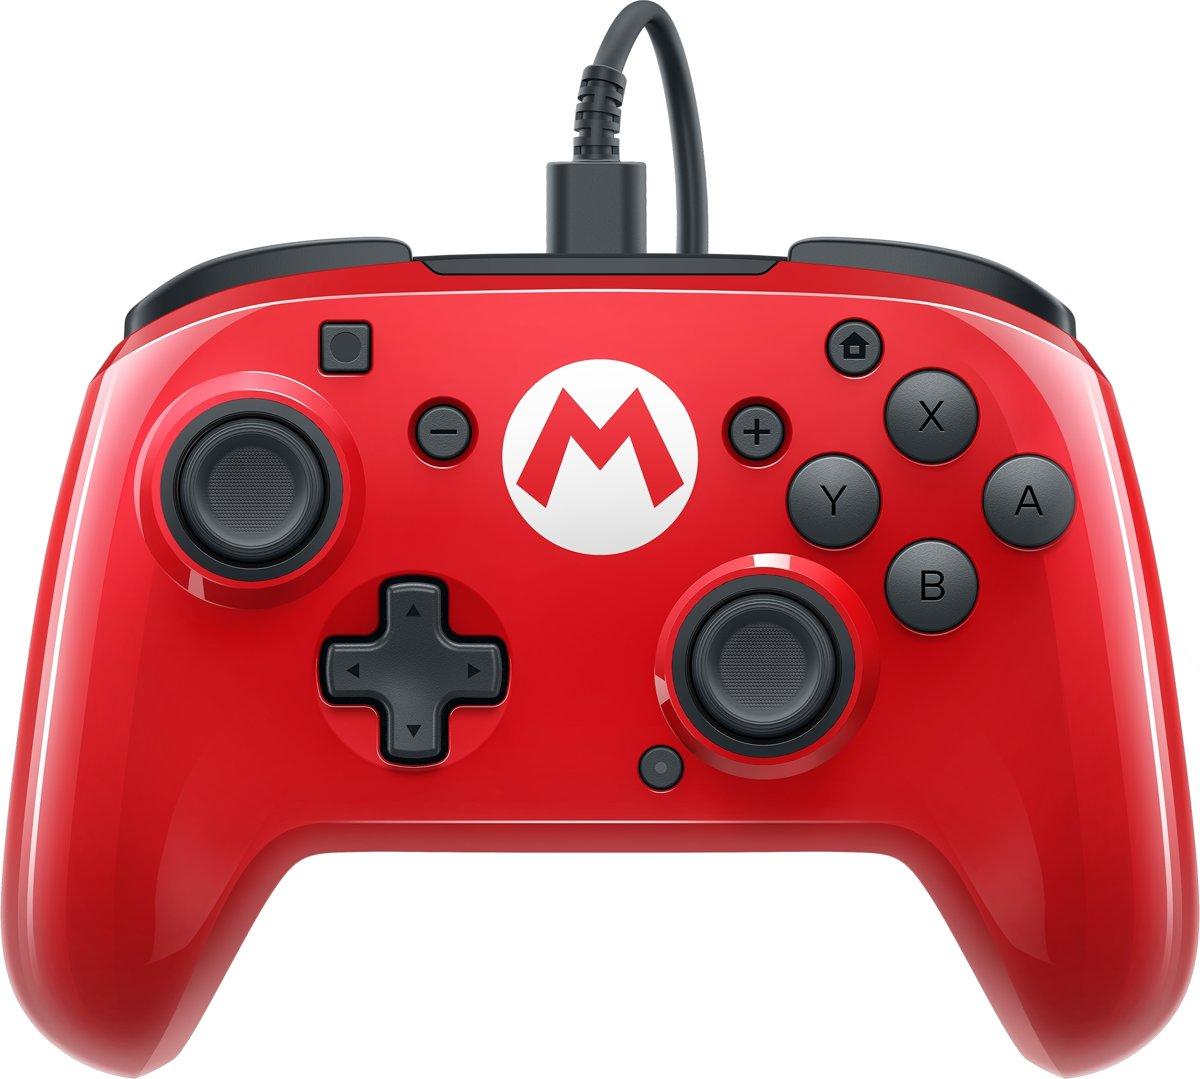 Controller Voor Nintendo Switch Kopen Kijk Snel Pro Splatoon 2 Edition Pdp Faceoff Deluxe Super Mario Editie